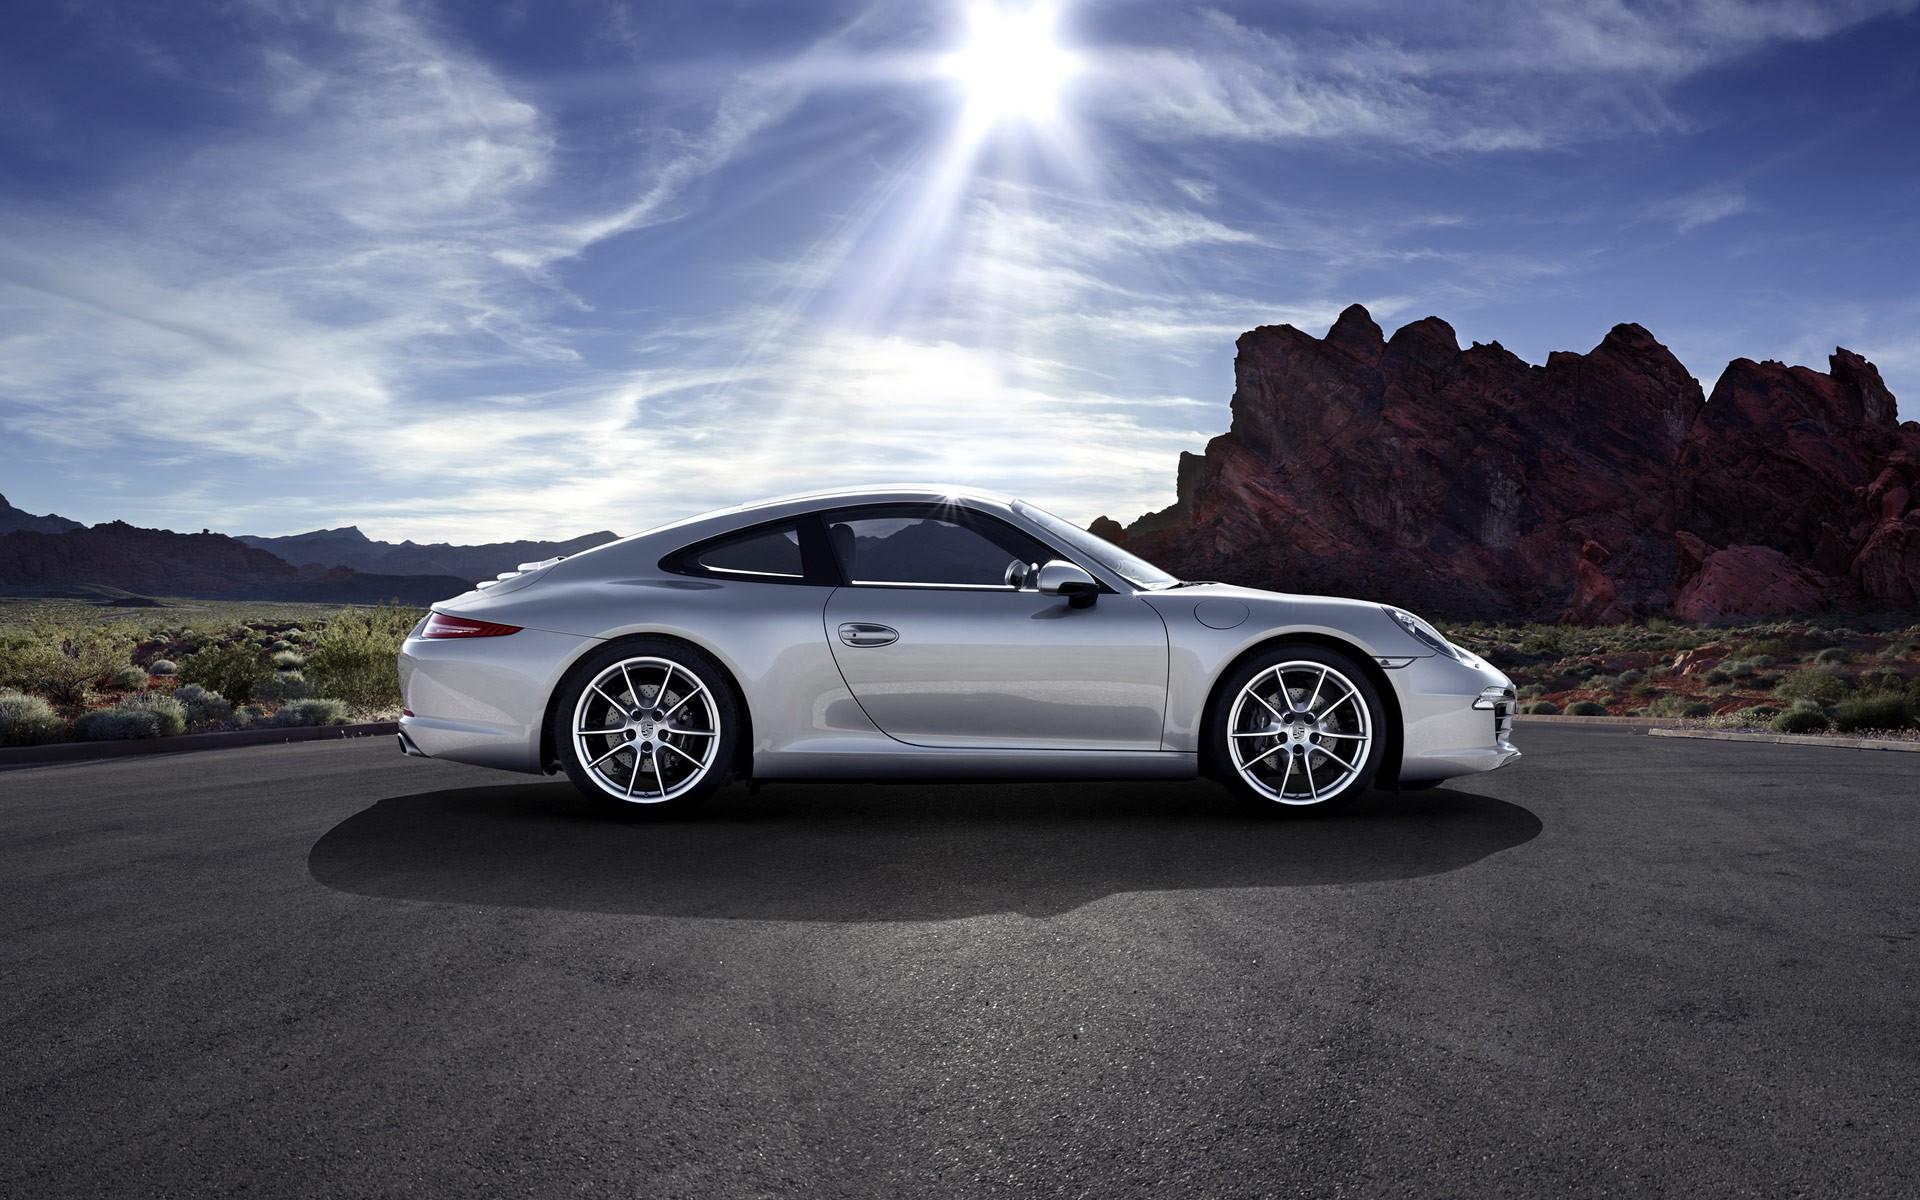 Porsche 911 carrera wallpaper hd car wallpapers id 3017 - Porsche 911 carrera s wallpaper ...